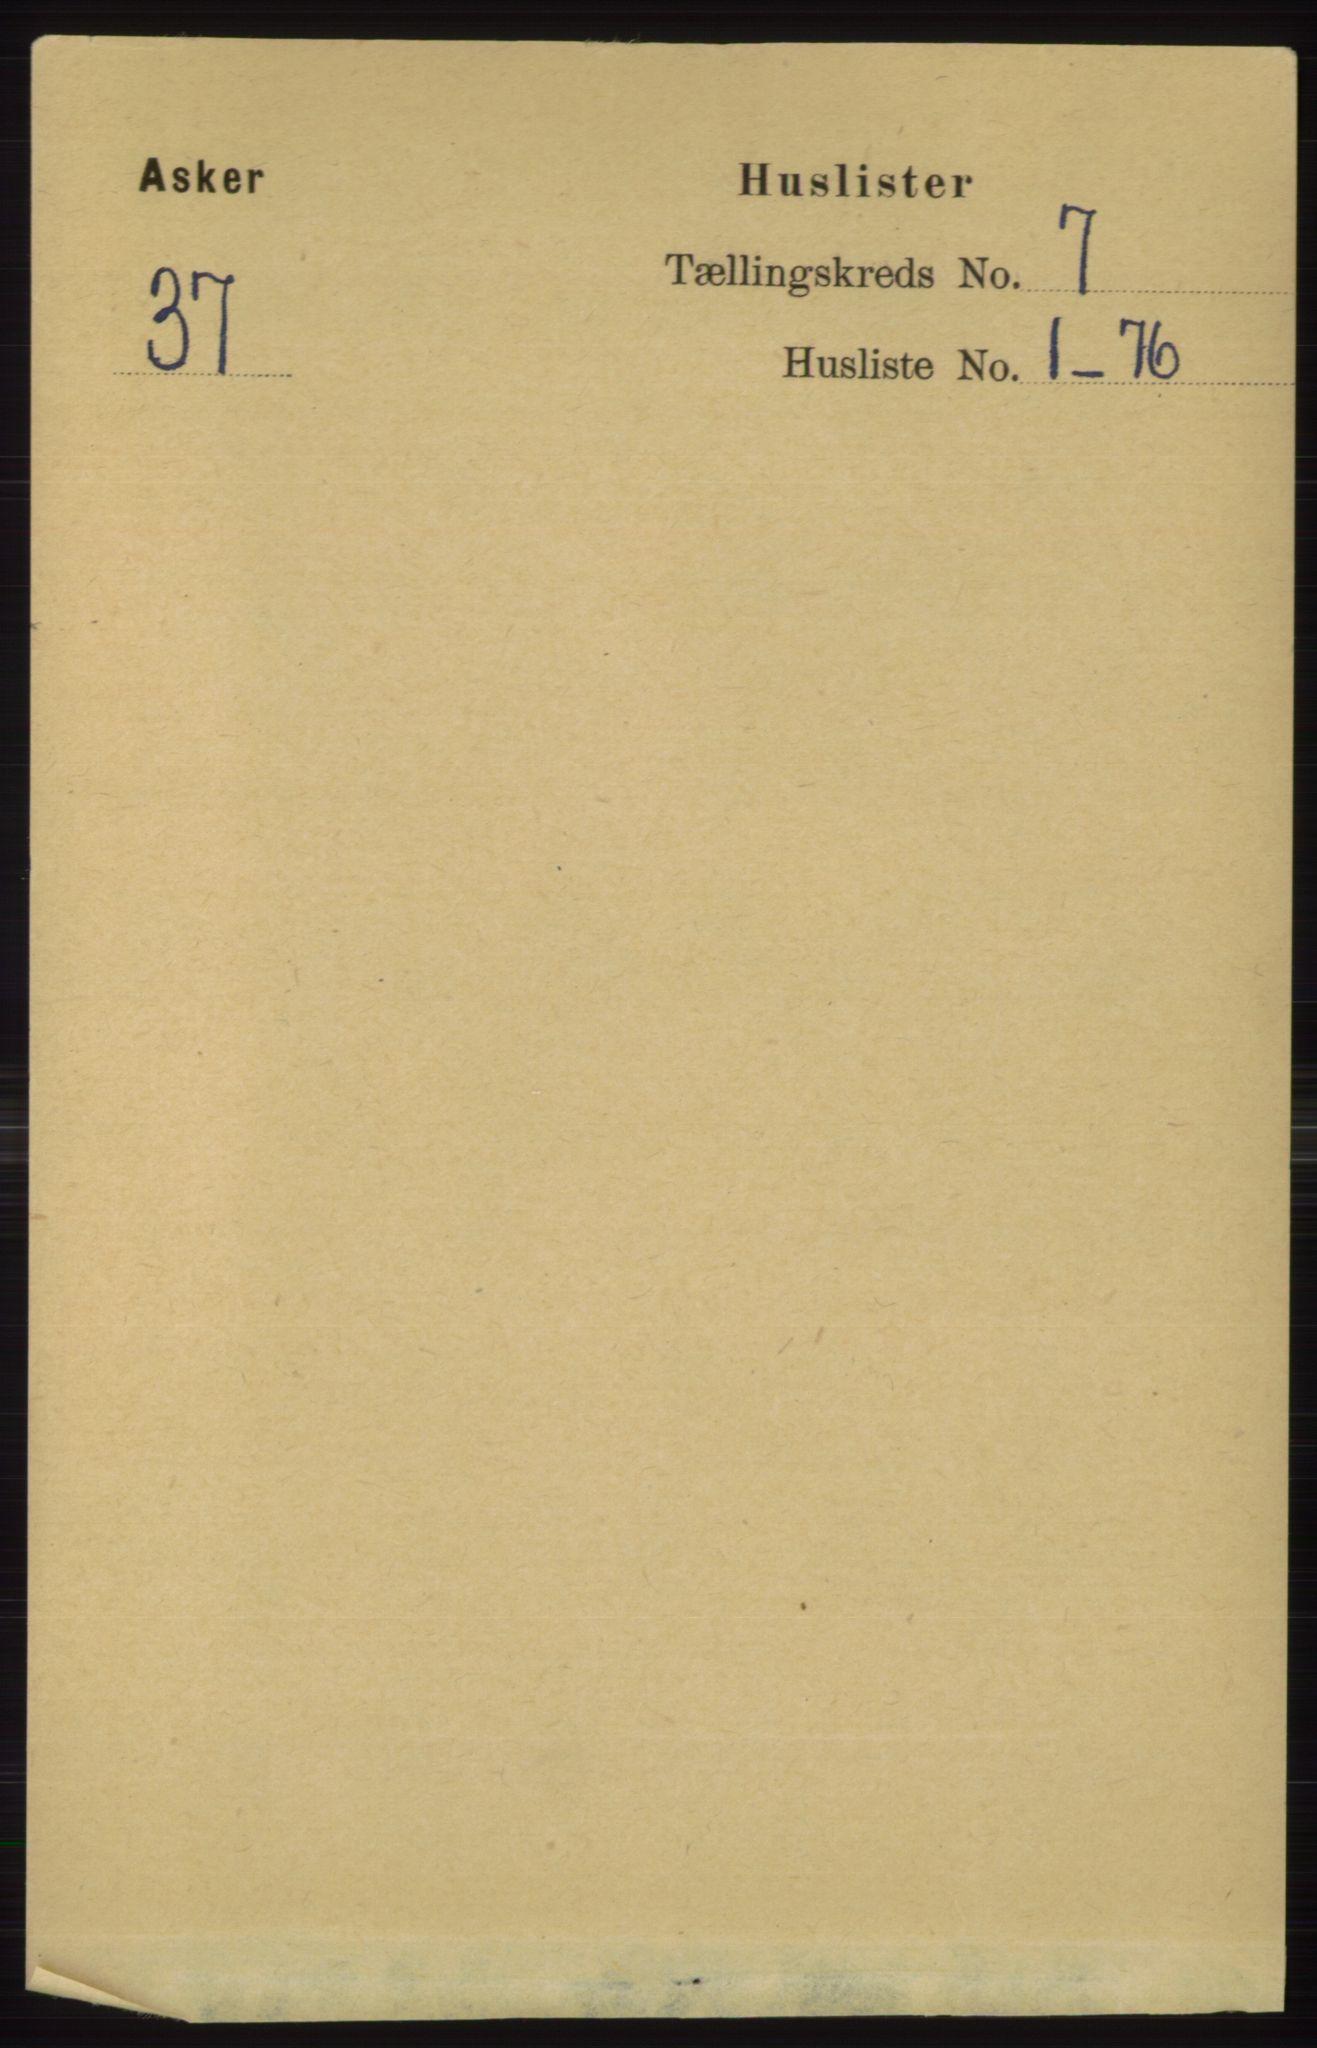 RA, Folketelling 1891 for 0220 Asker herred, 1891, s. 4463